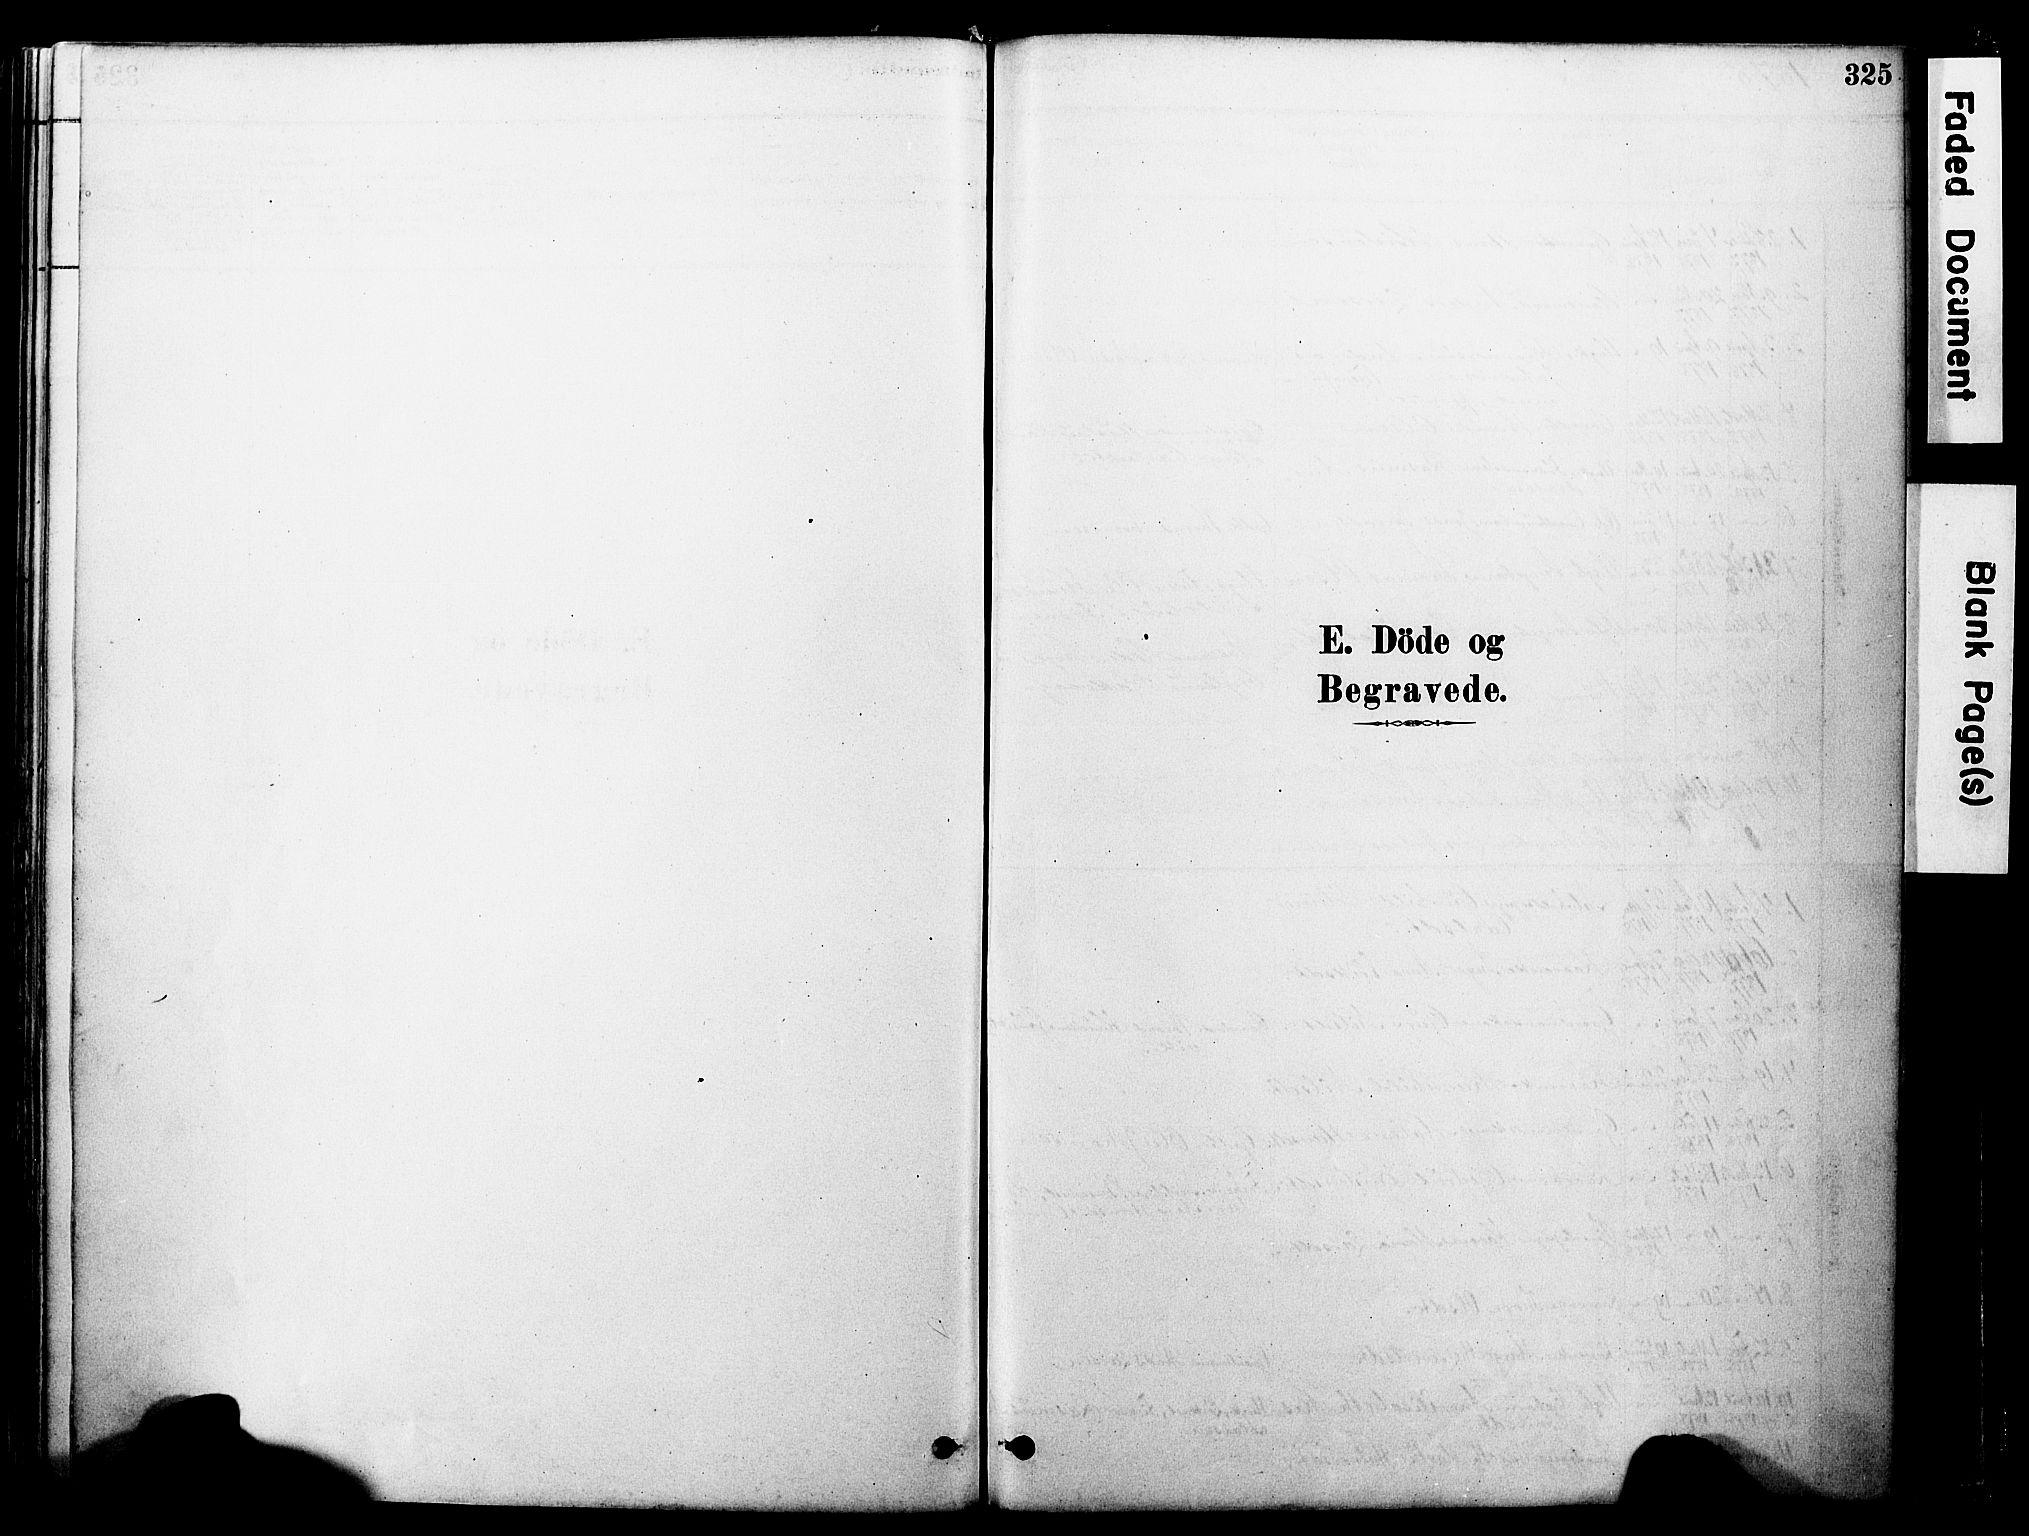 SAT, Ministerialprotokoller, klokkerbøker og fødselsregistre - Møre og Romsdal, 560/L0721: Ministerialbok nr. 560A05, 1878-1917, s. 325